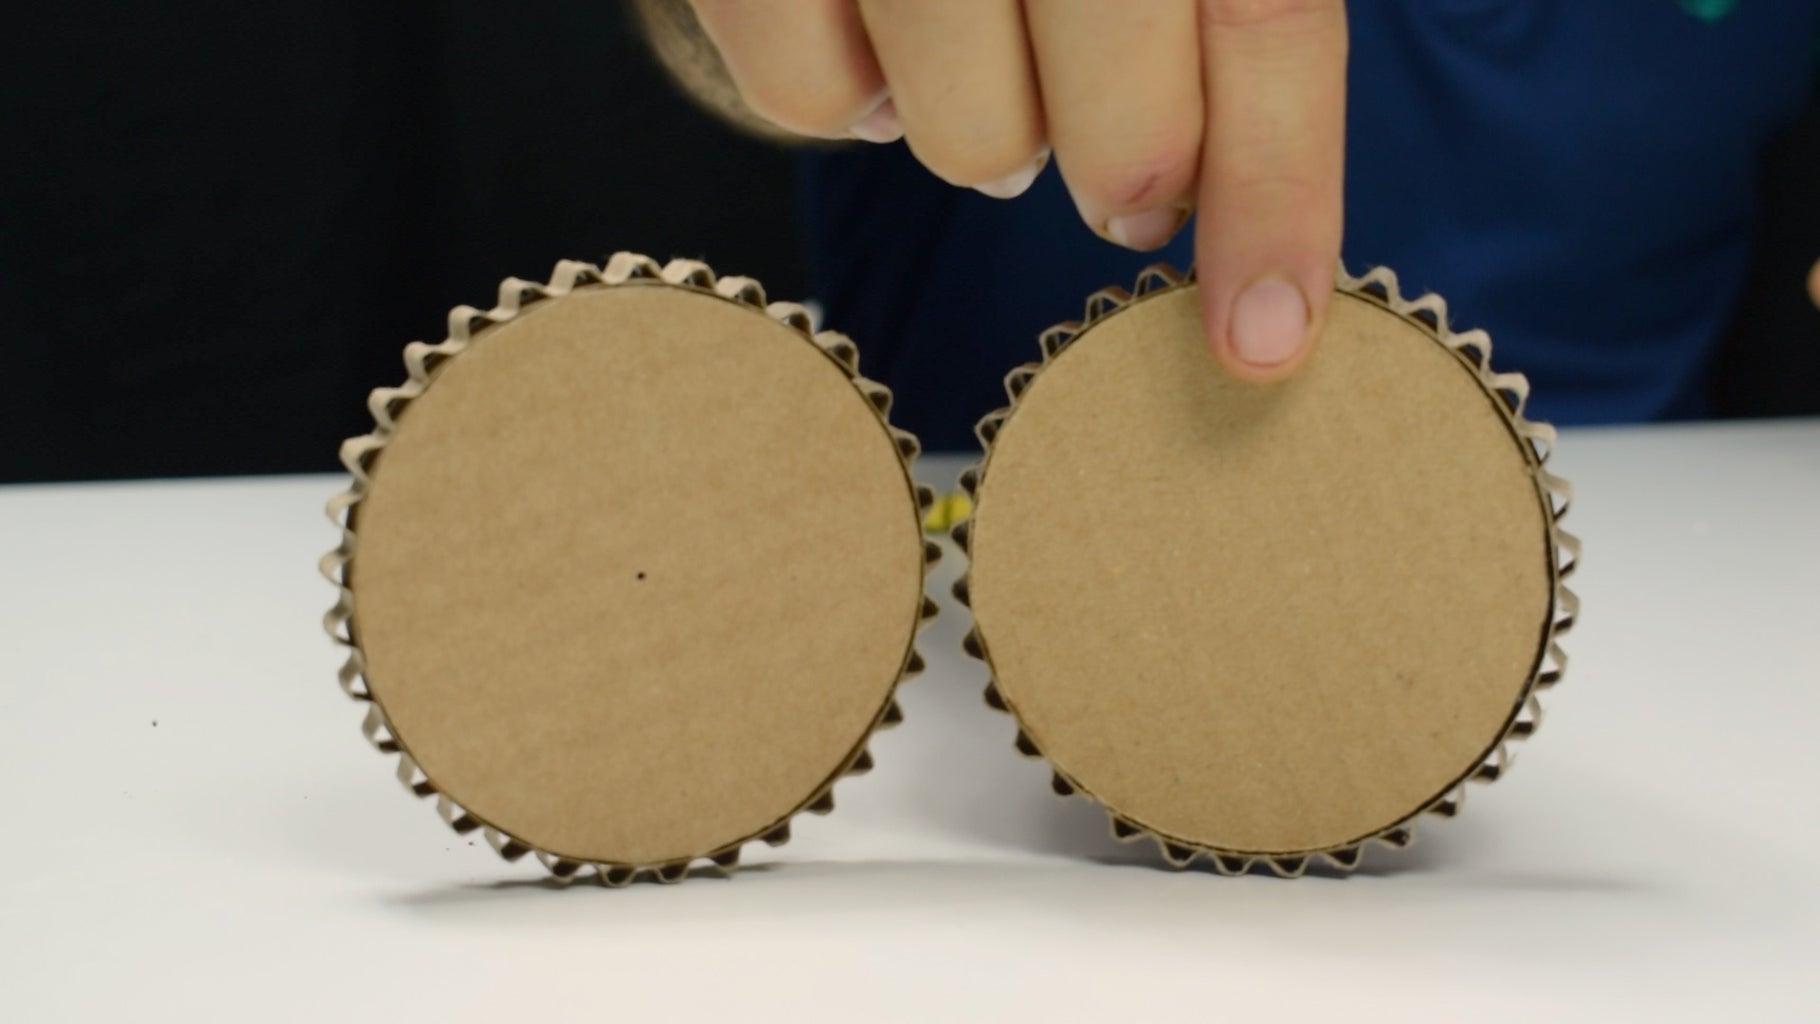 Making Gears Wheel